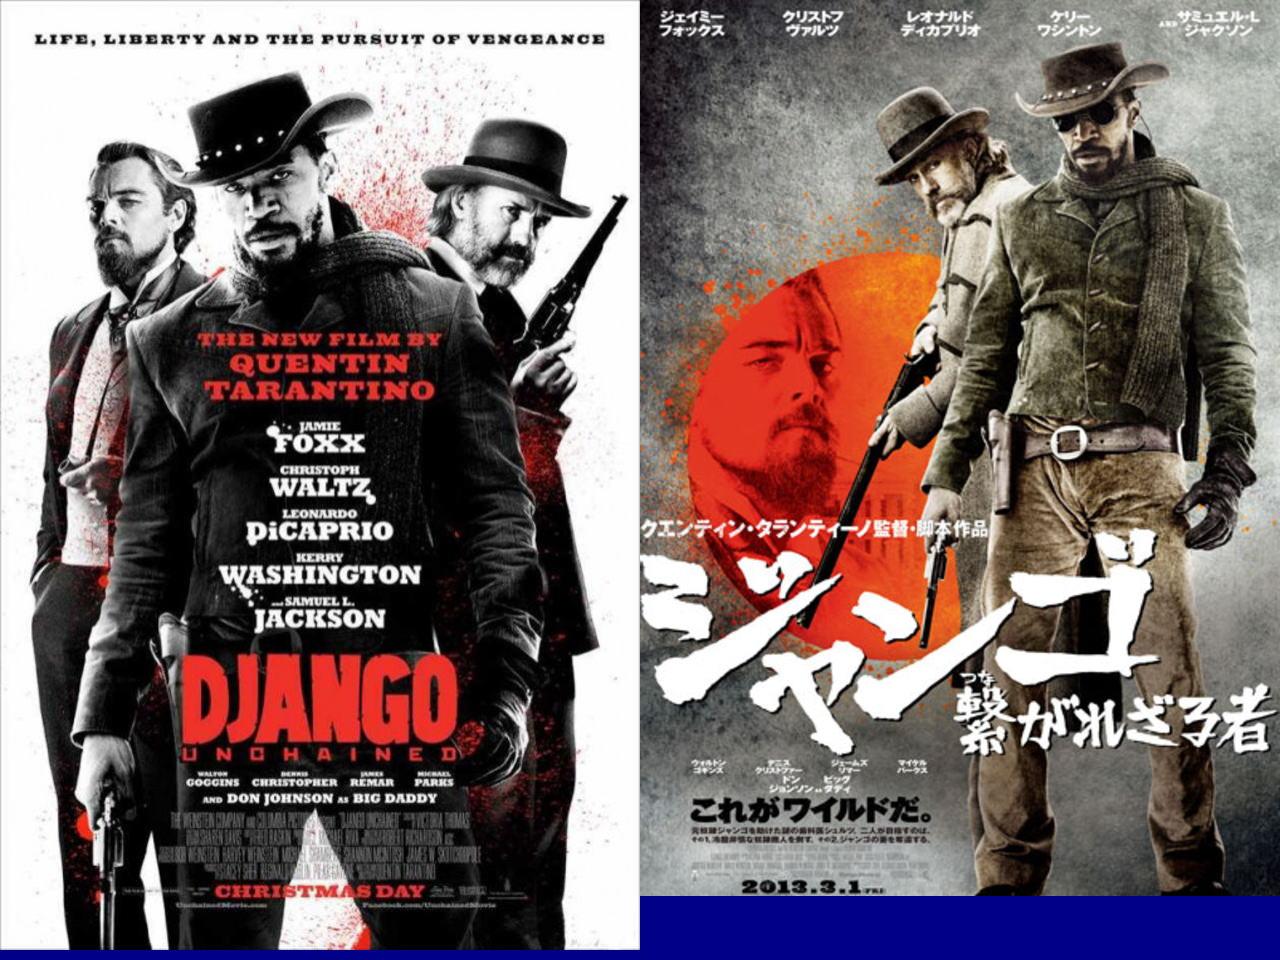 映画『ジャンゴ 繋がれざる者 (2012) DJANGO UNCHAINED』ポスター(8)▼ポスター画像クリックで拡大します。